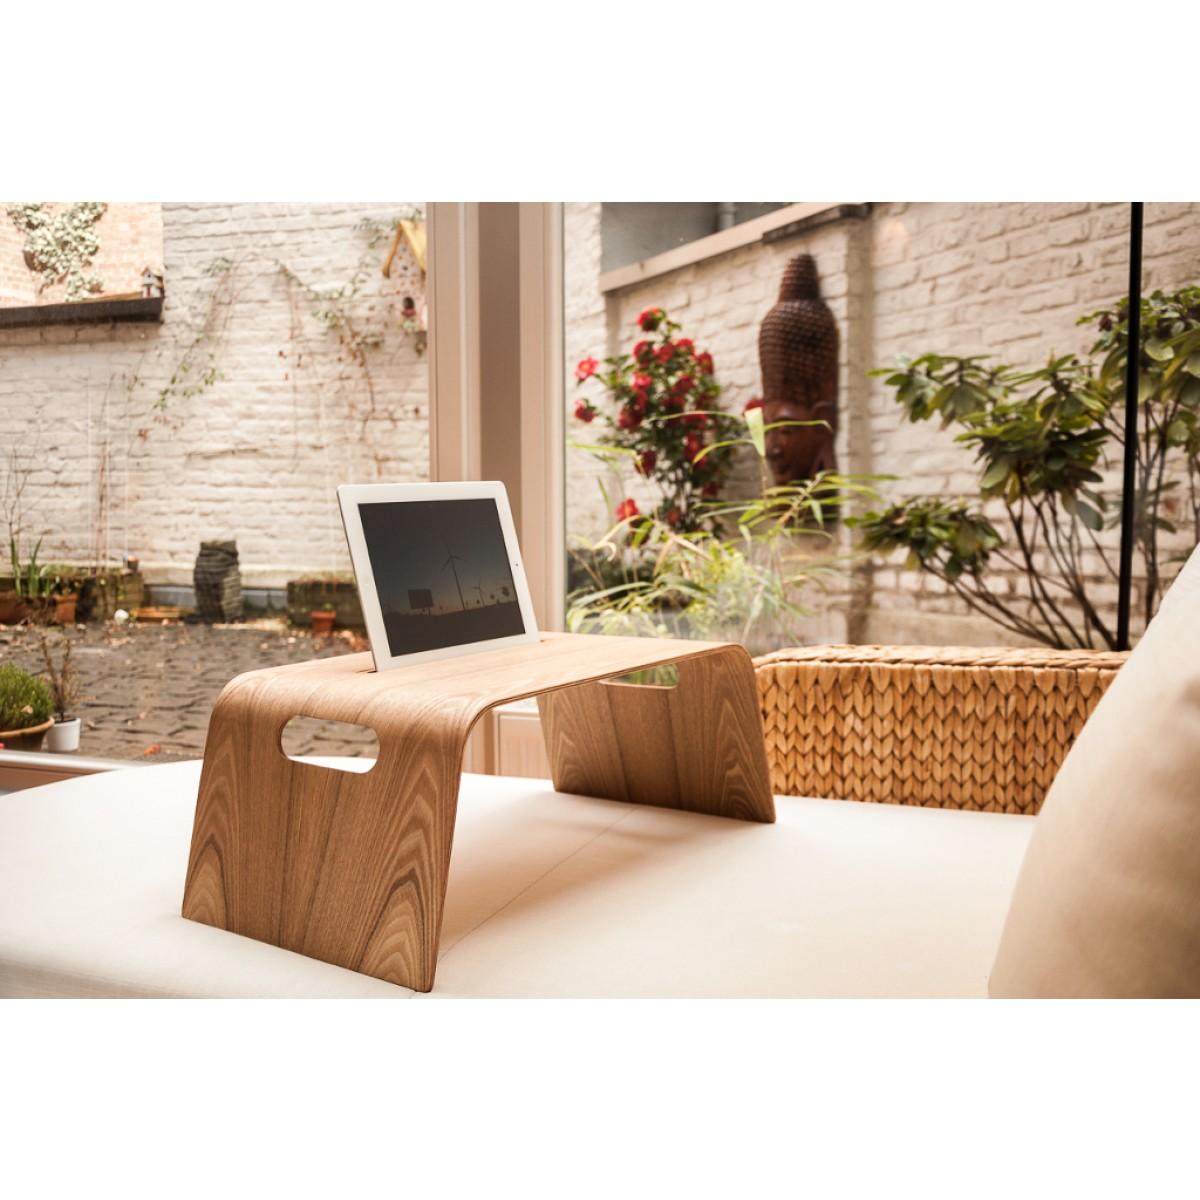 WOOD U? CHILL Halterung für iPad und Tablets für das Sofa und Bett aus Holz